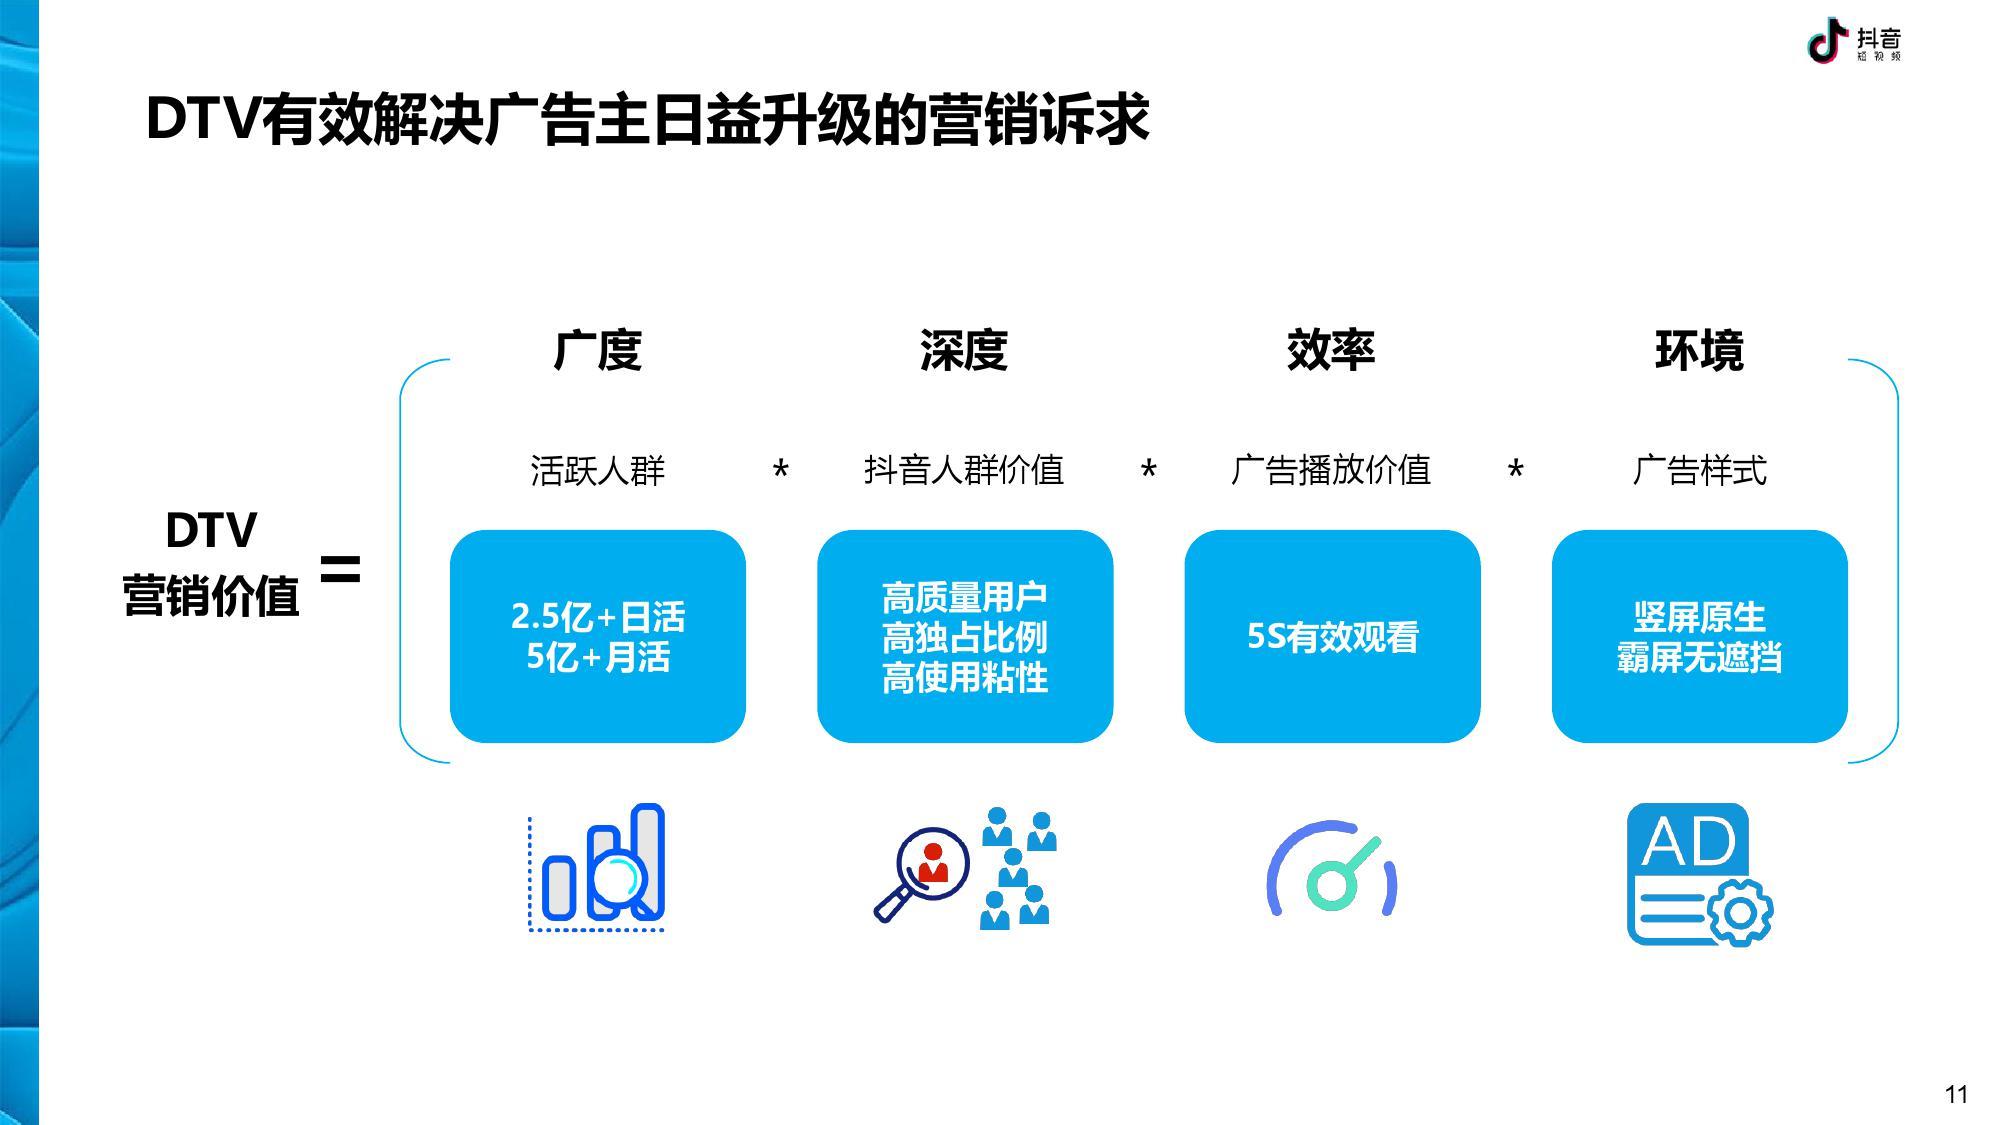 抖音 DTV 广告营销价值白皮书-CNMOAD 中文移动营销资讯 11